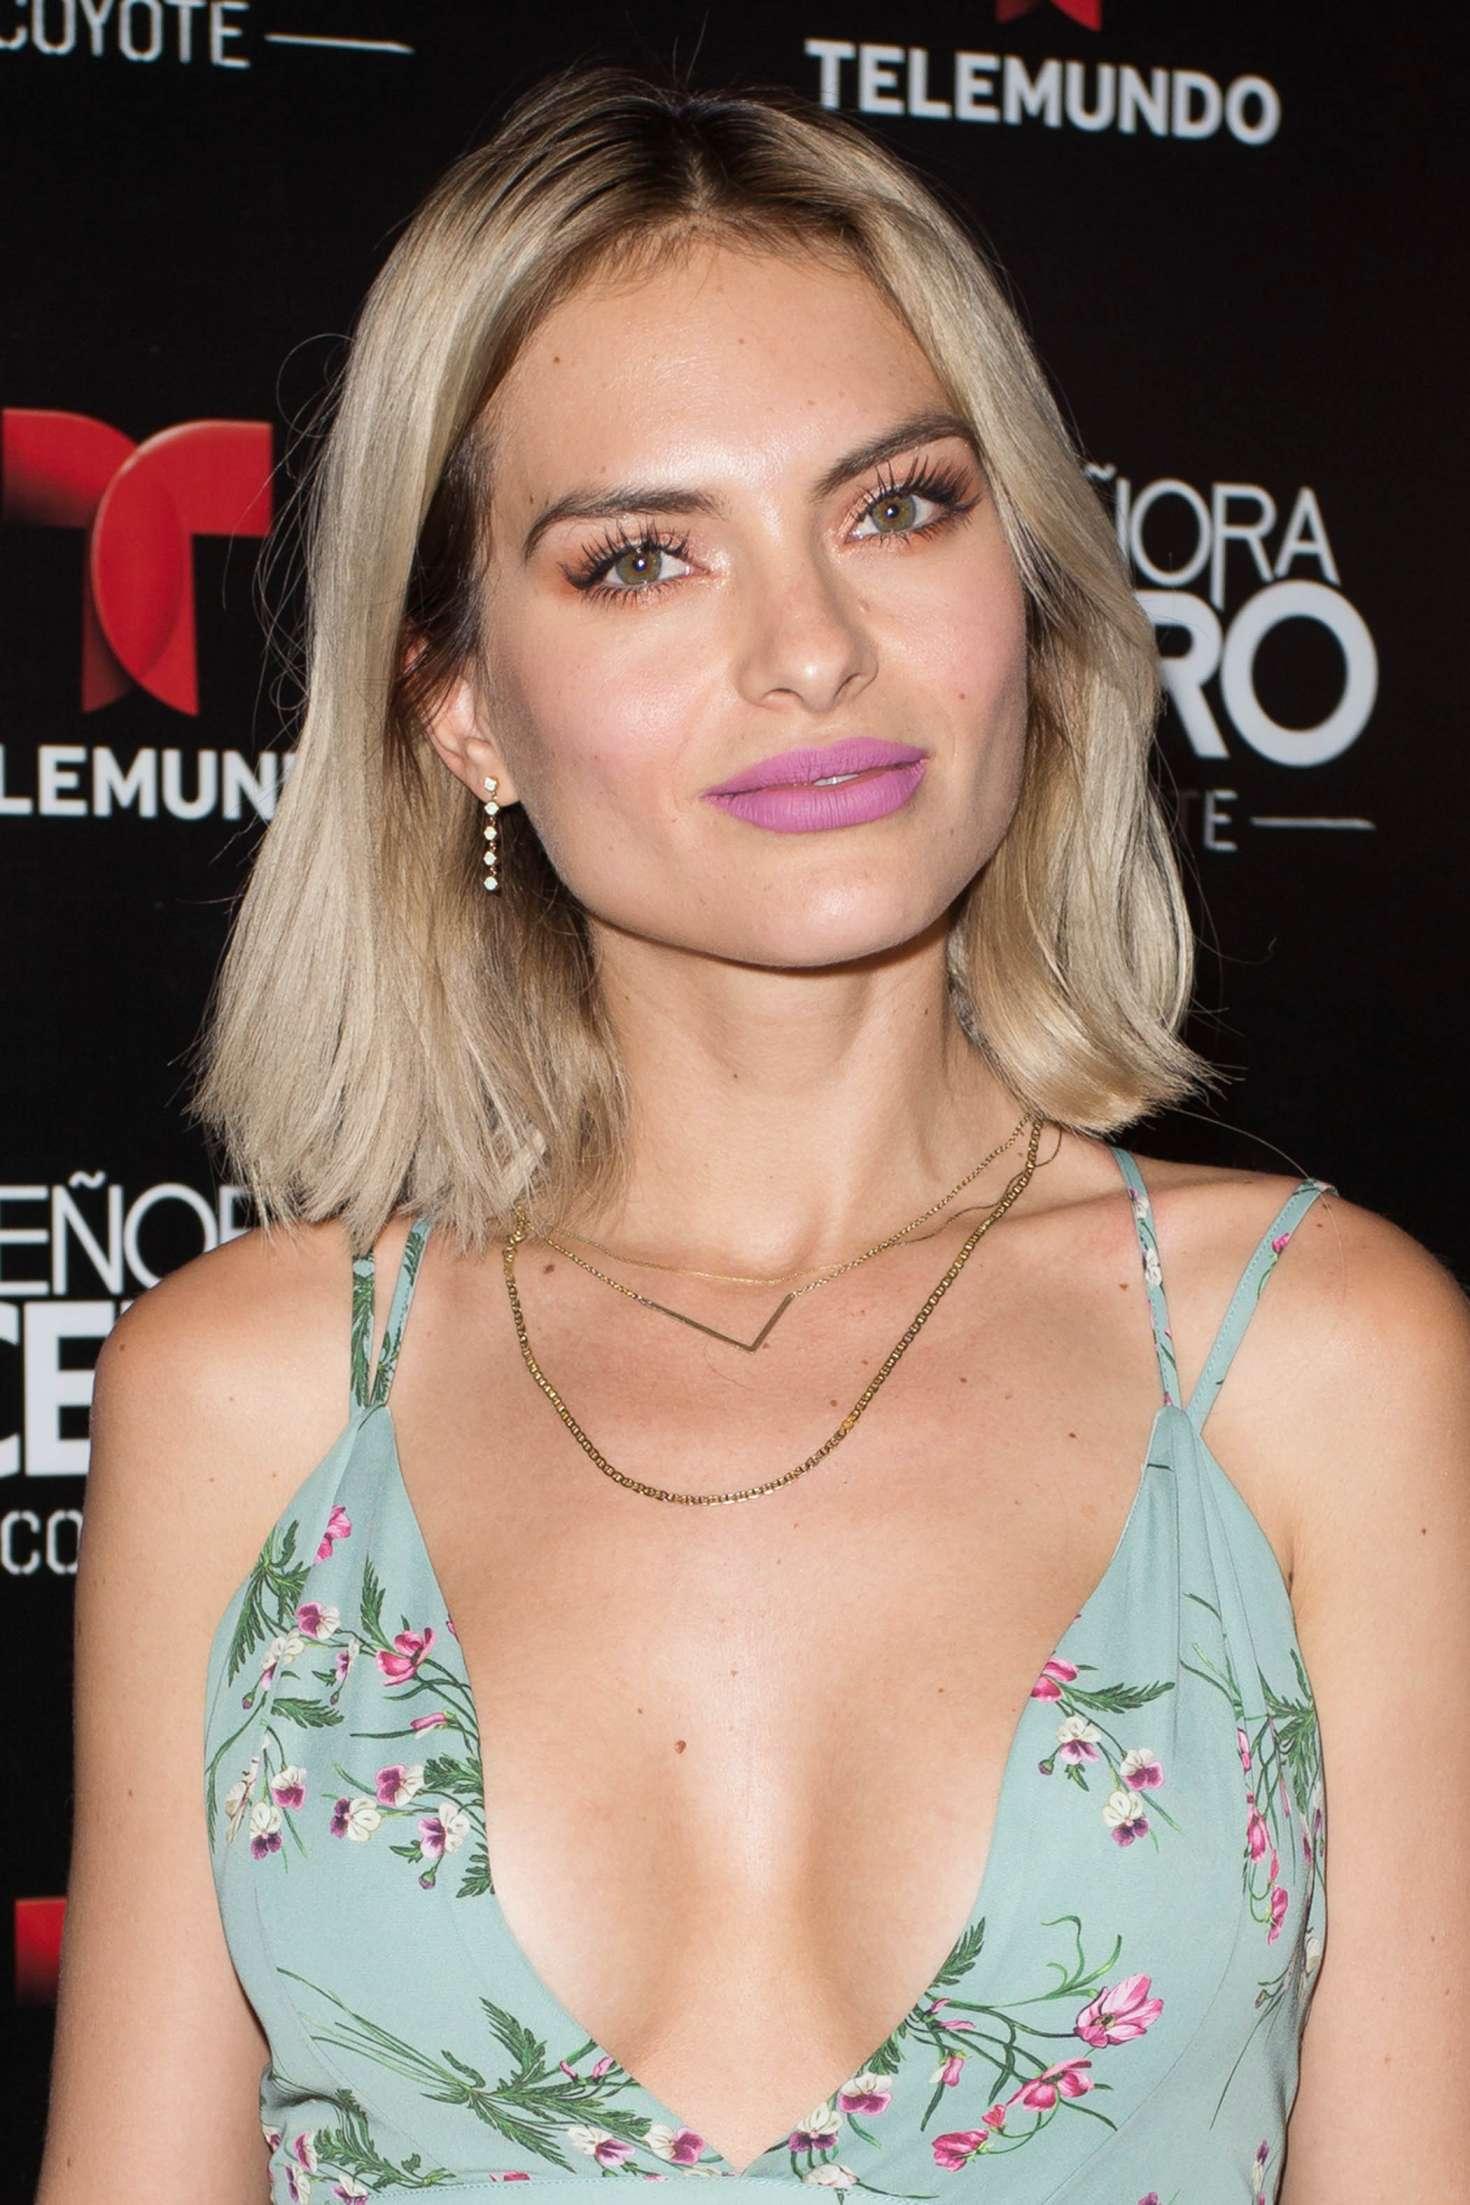 Lucia Silva 2017 : Lucia Silva: Senora Acero La Coyote Premiere -02